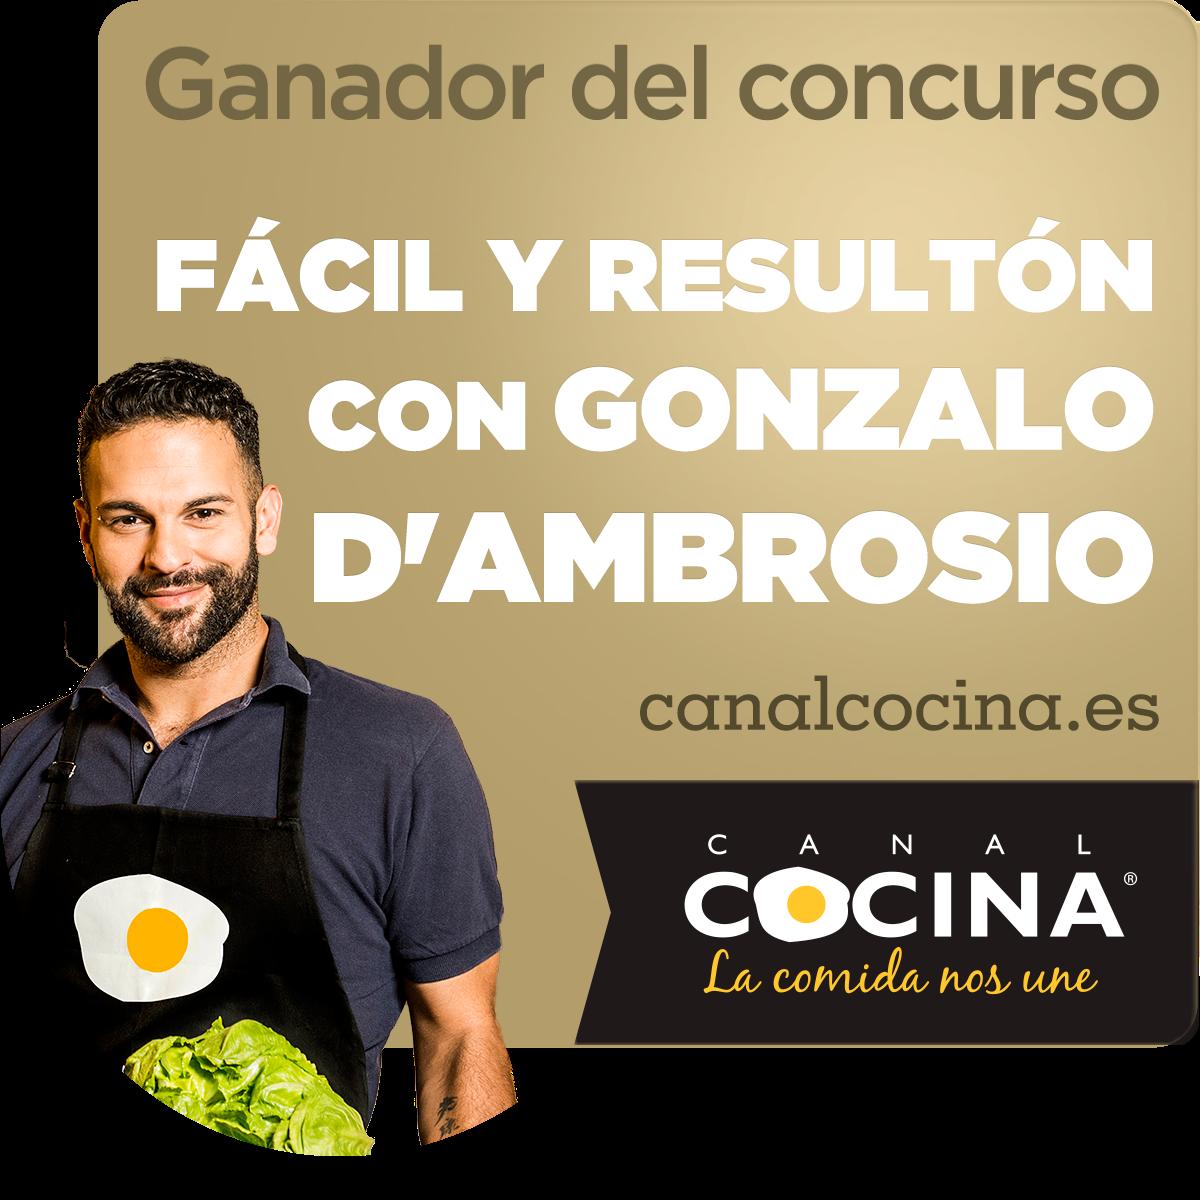 Concurso FÁCIL Y RESULTÓN